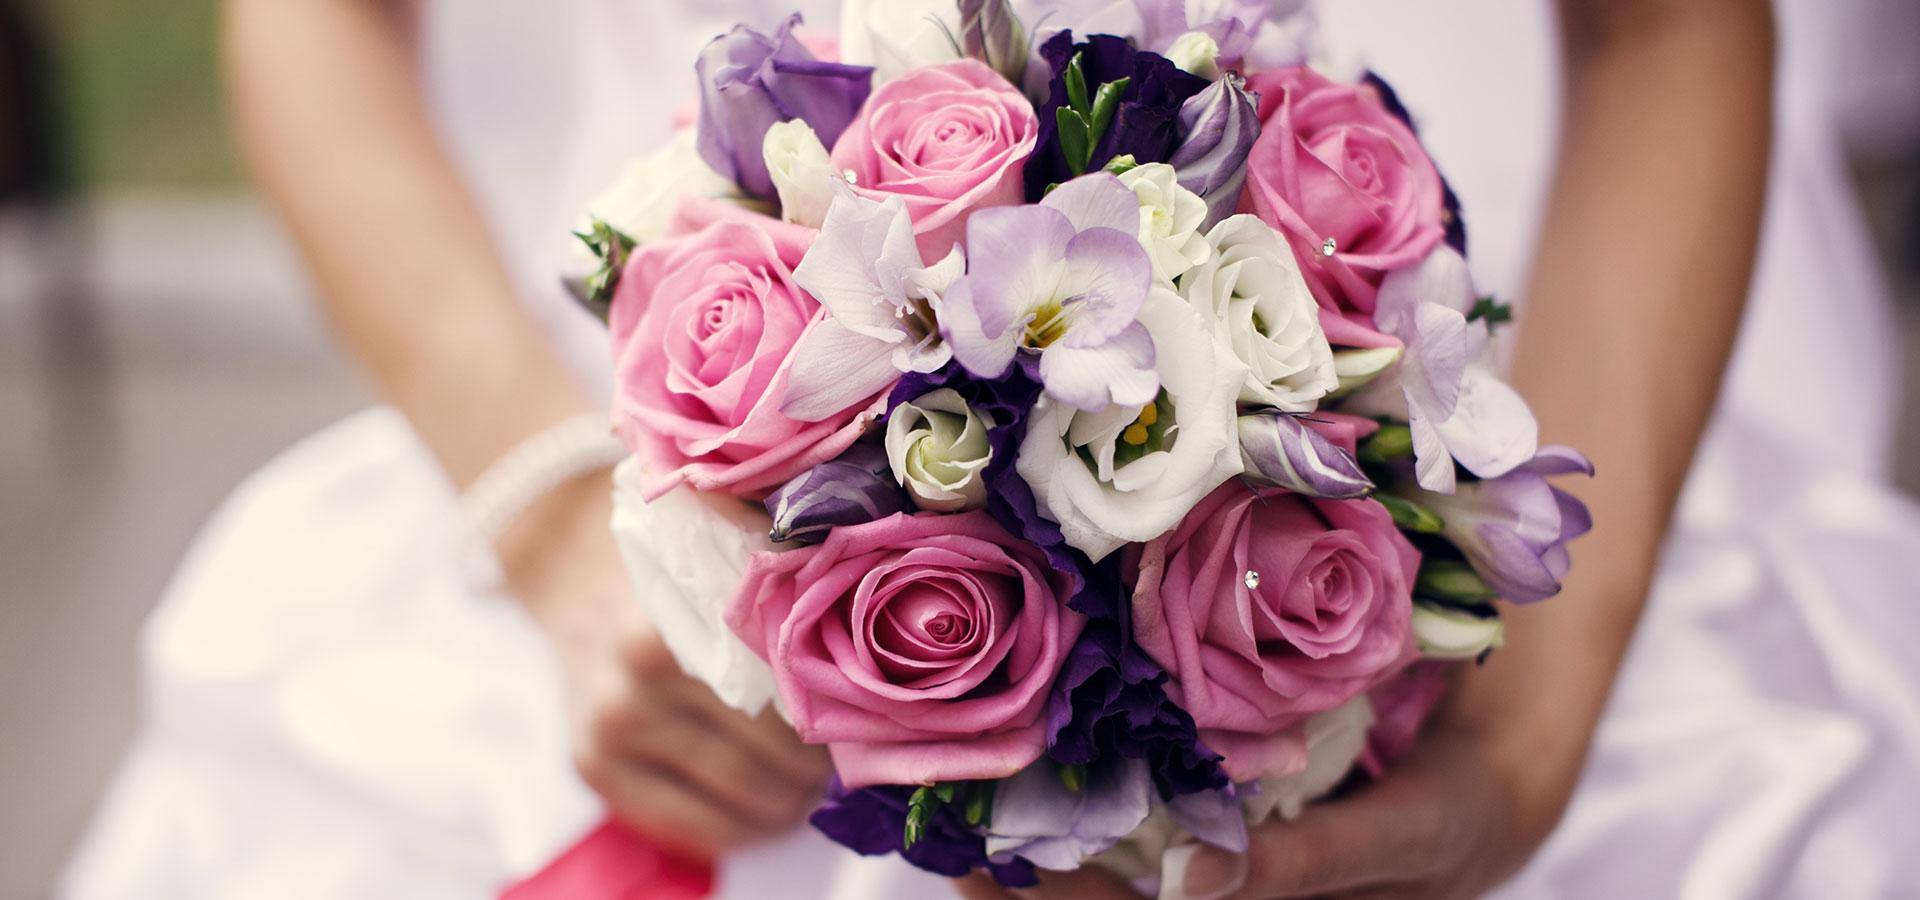 Buchete de flori, livrari buchete de flori la domiciliu, aranjamente florale, Floresti, judetul Cluj